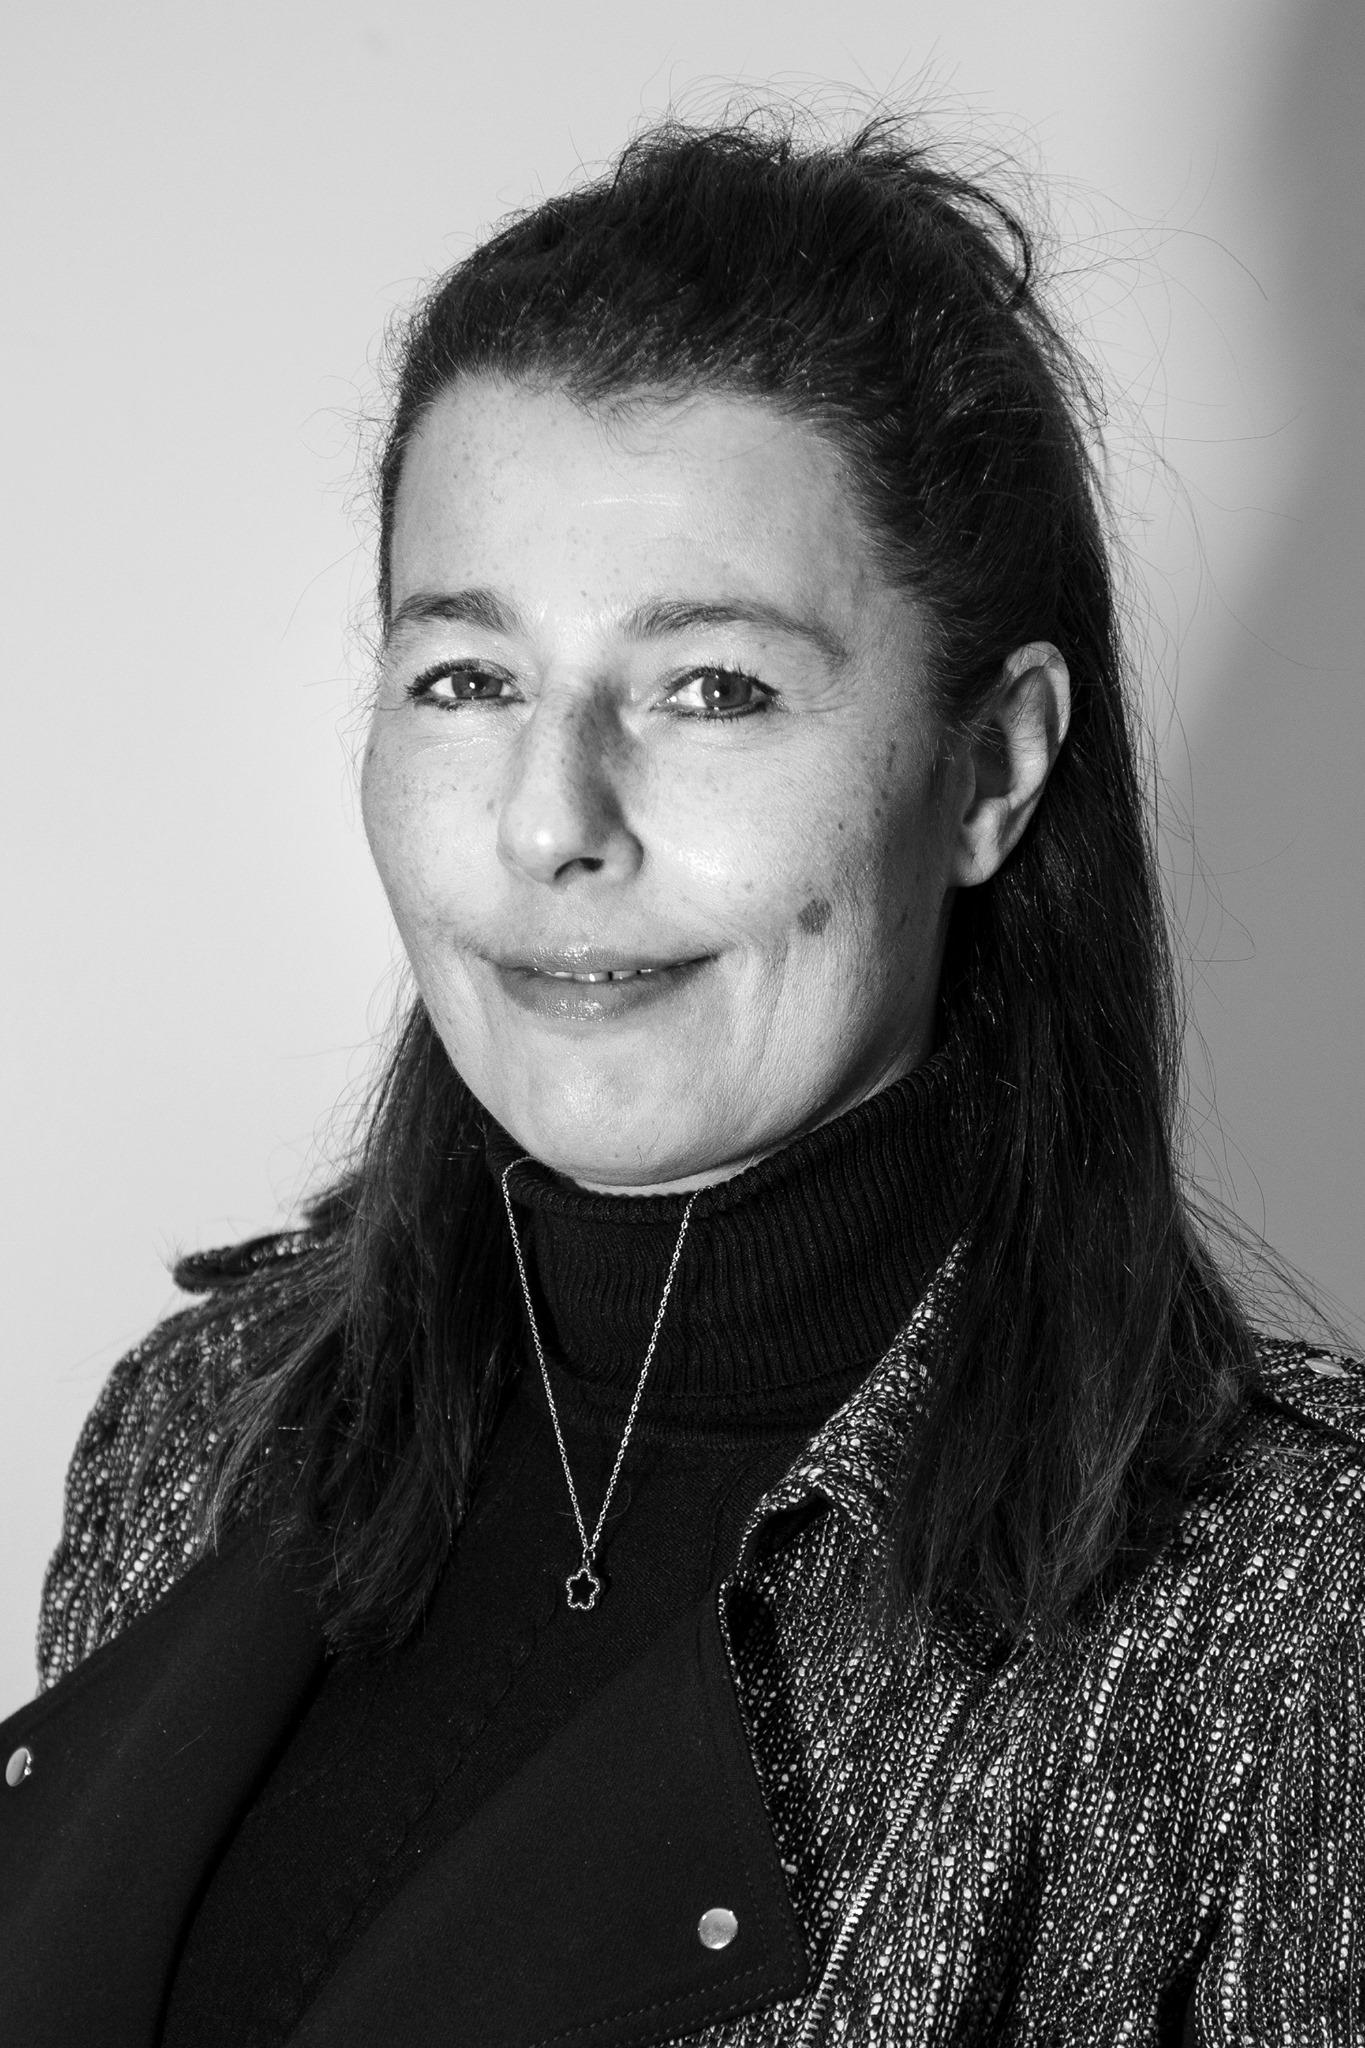 Dominique Michelini